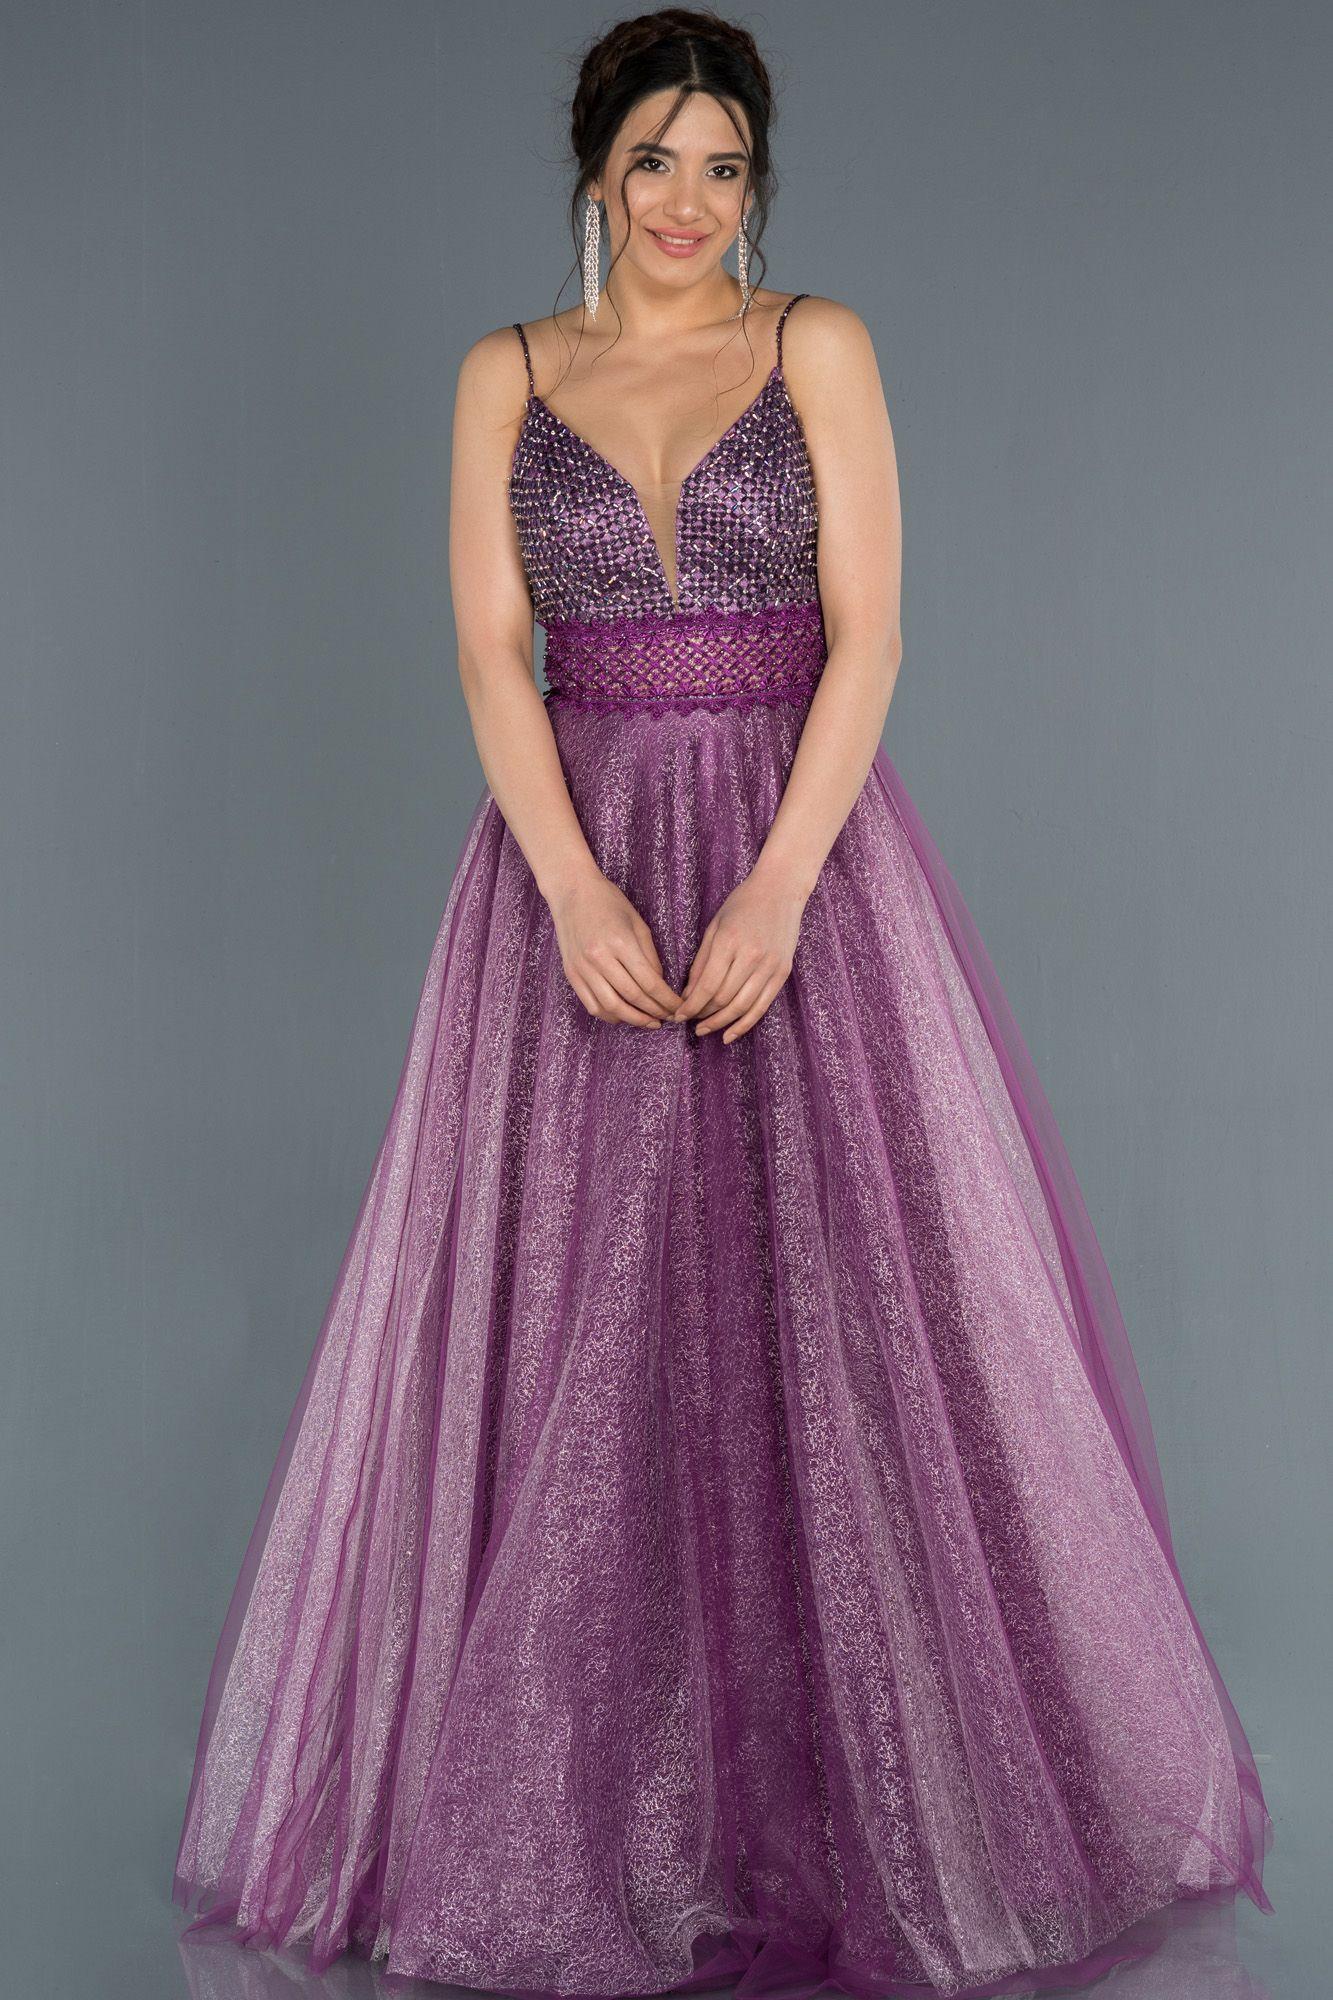 Mor Sirt Dekolteli Tas Islemeli Tul Abiye Elbise Abu1336 2020 Elbise Modelleri Aksamustu Giysileri Elbiseler